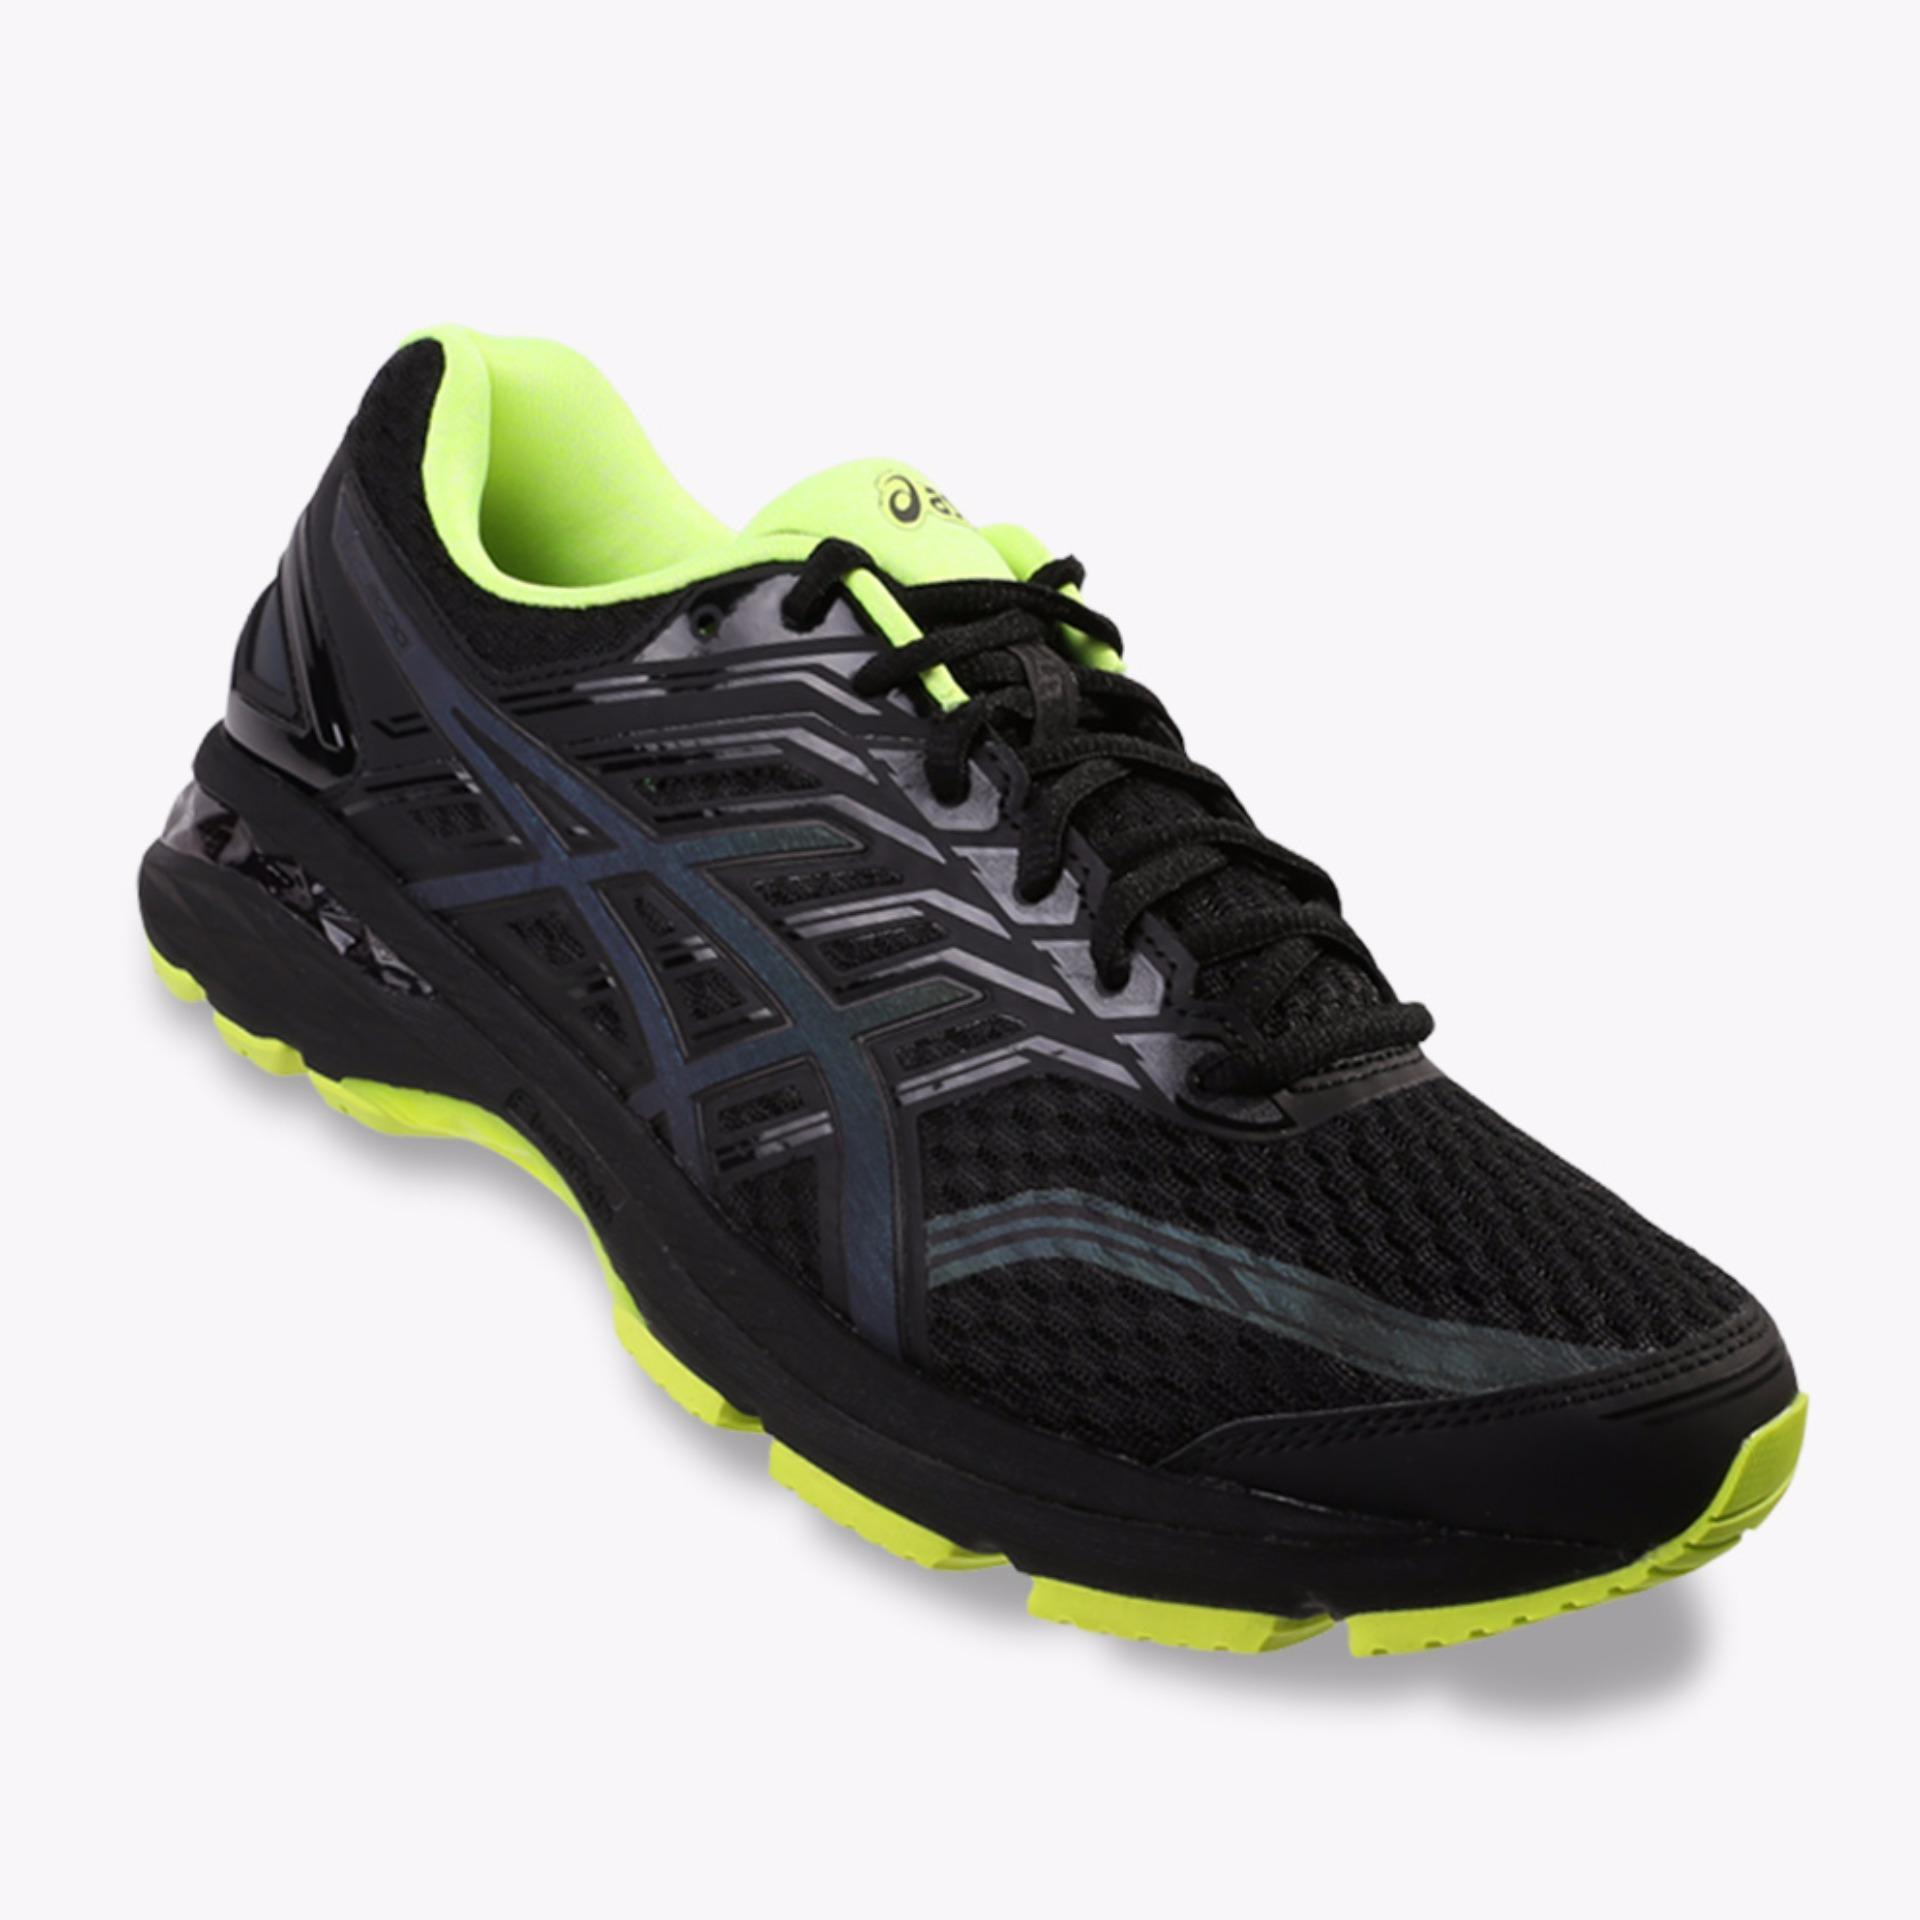 Jual Asics Gt 2000 5 Lite Show Men S Running Shoes Standard Wide Hitam Asics Original